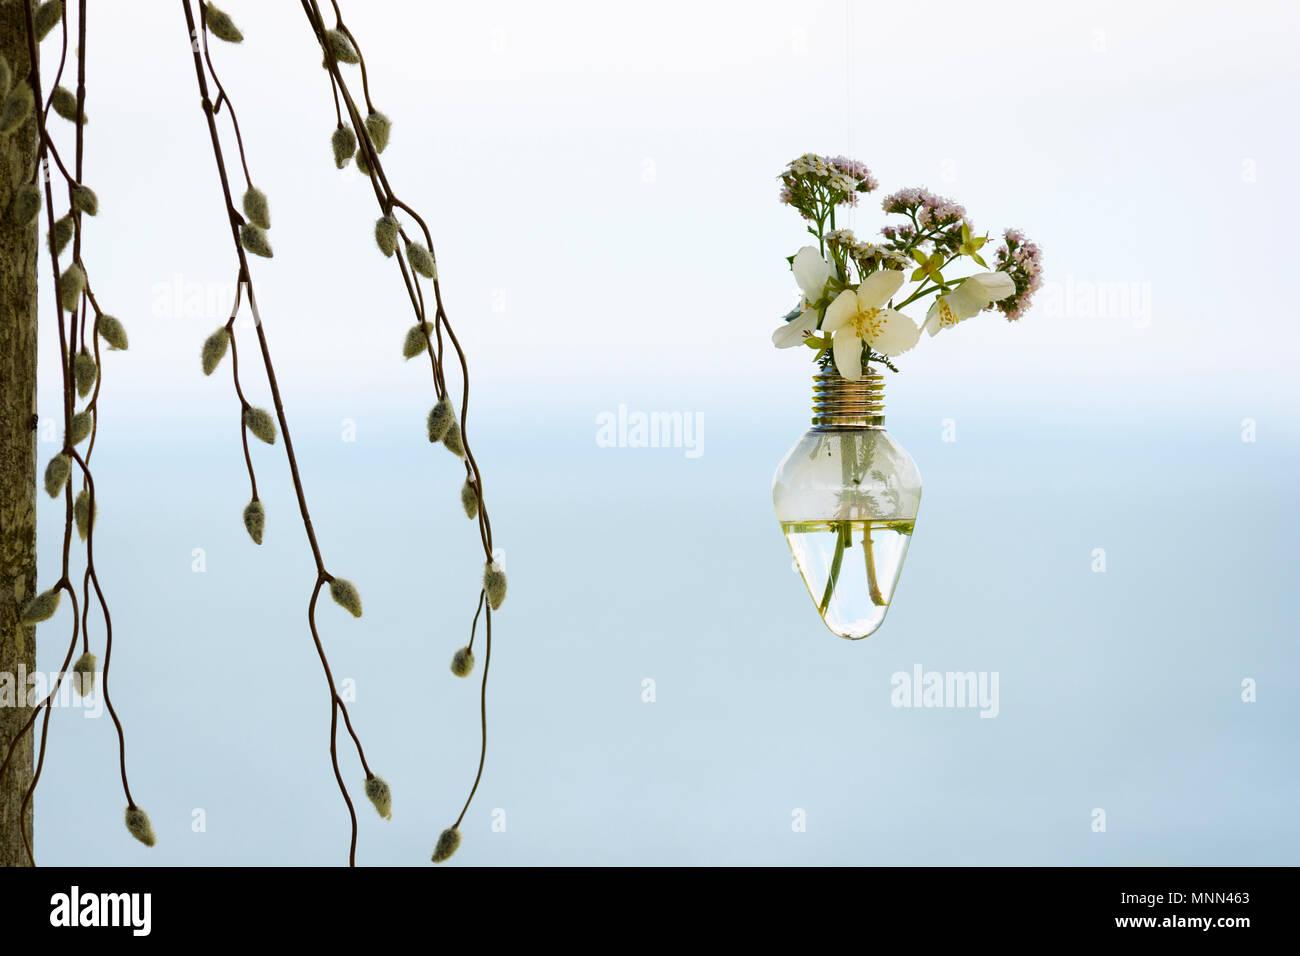 Ampoules ancienne utilisé comme un vase décoratif avec des fleurs sauvages. Banque D'Images